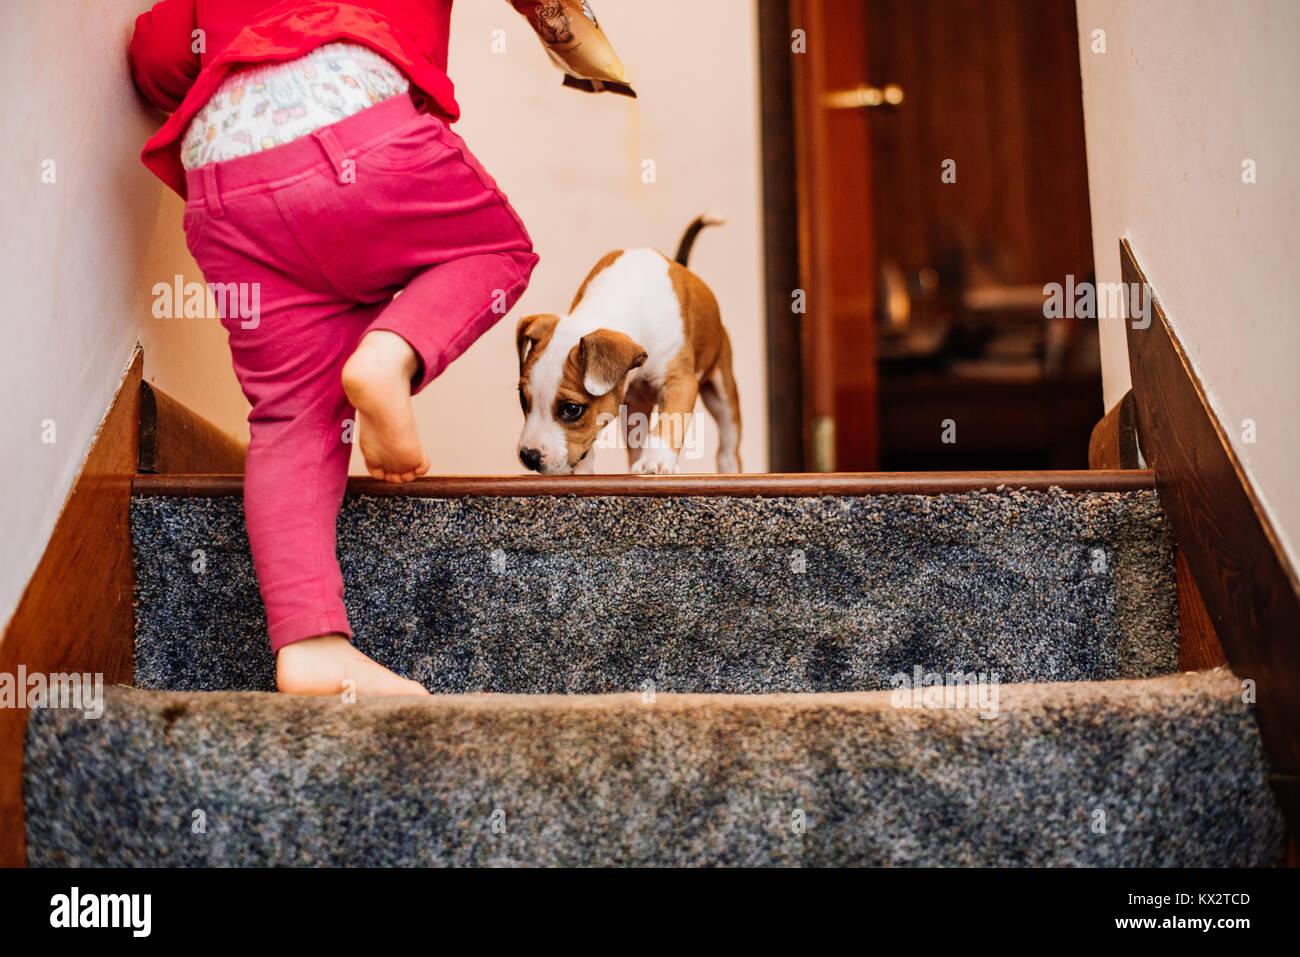 Ein Kleinkind Mädchen geht die Treppe hinauf, während ein Welpe auf ihren Wanderungen. Stockfoto